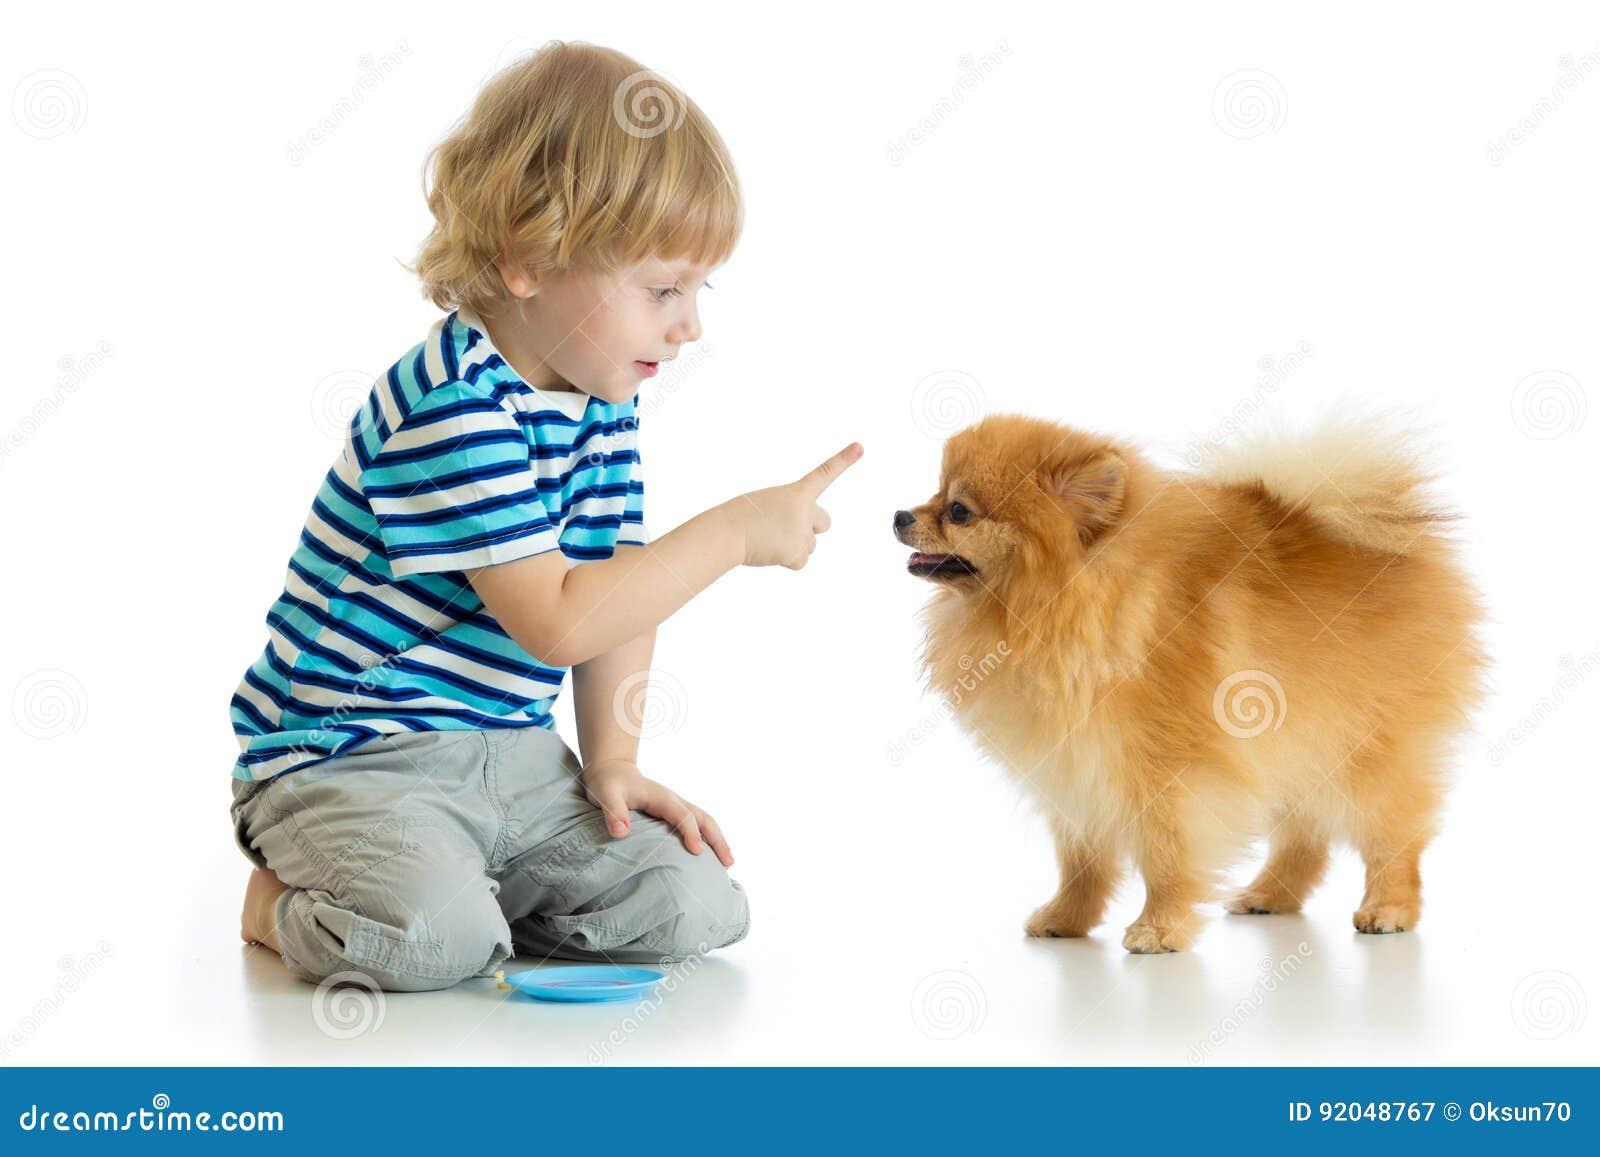 Kid training Spitz dog. Isolated on white background.